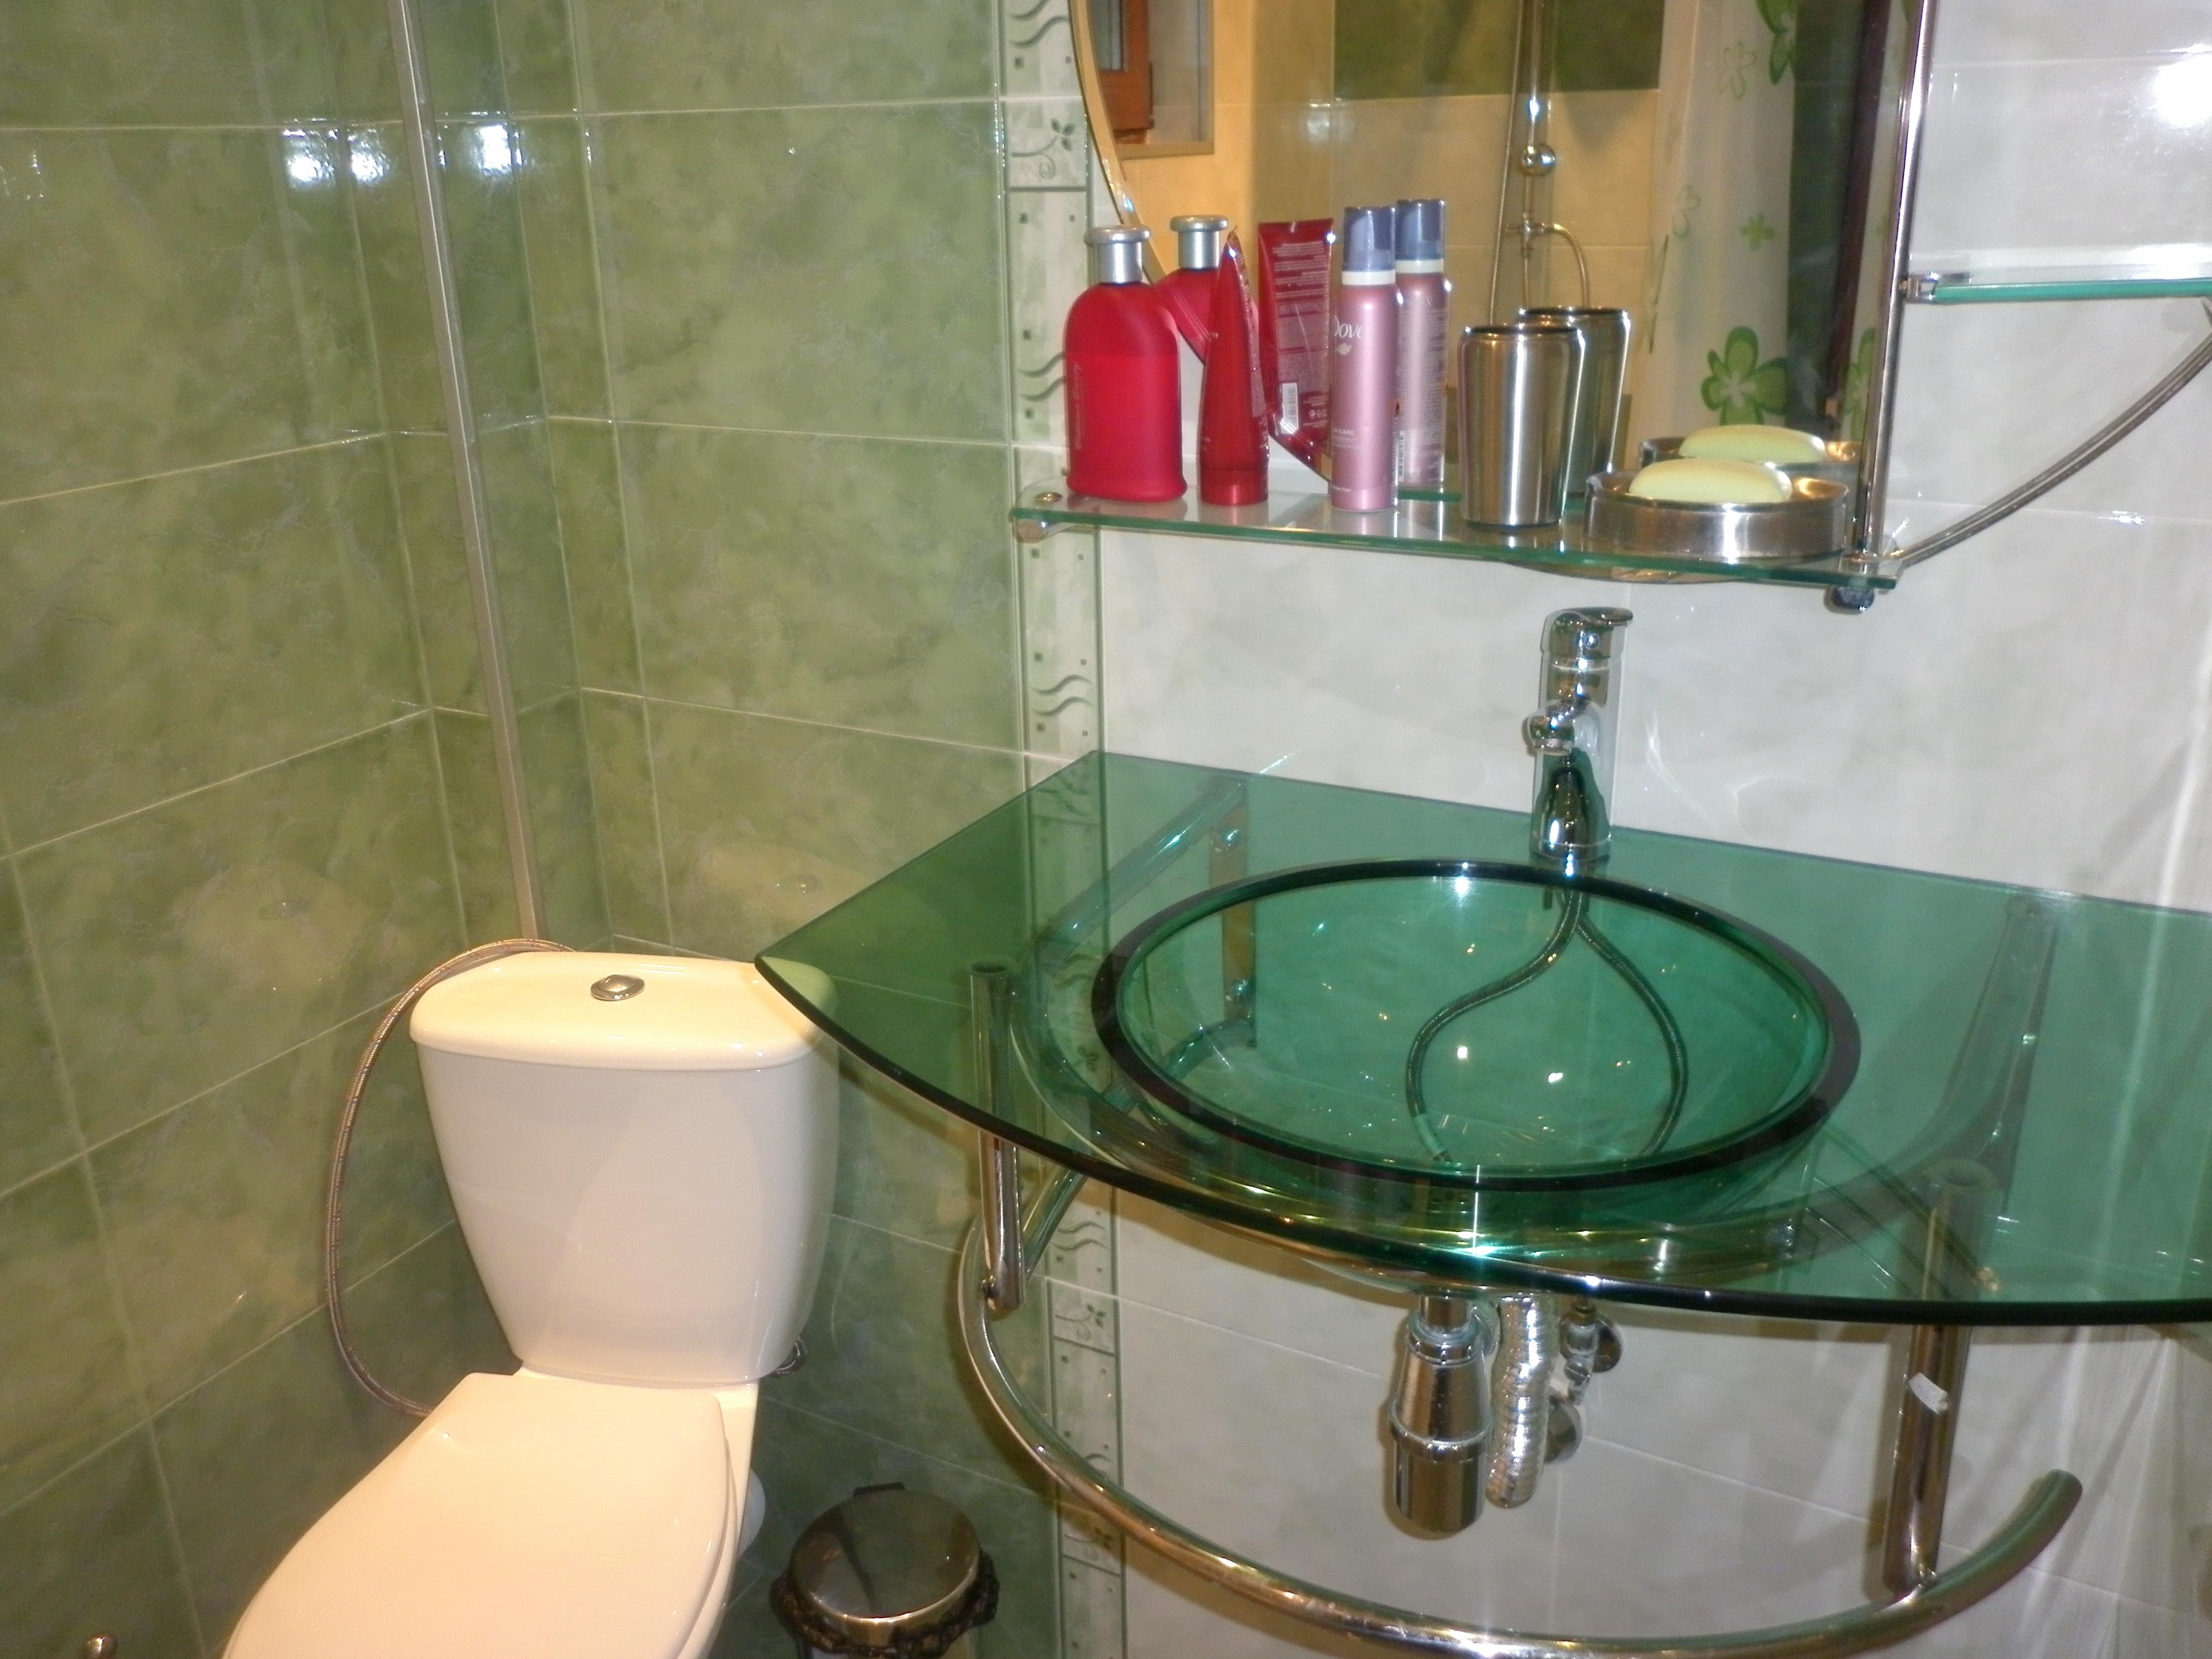 Къща за гости Златоград баня 1.2